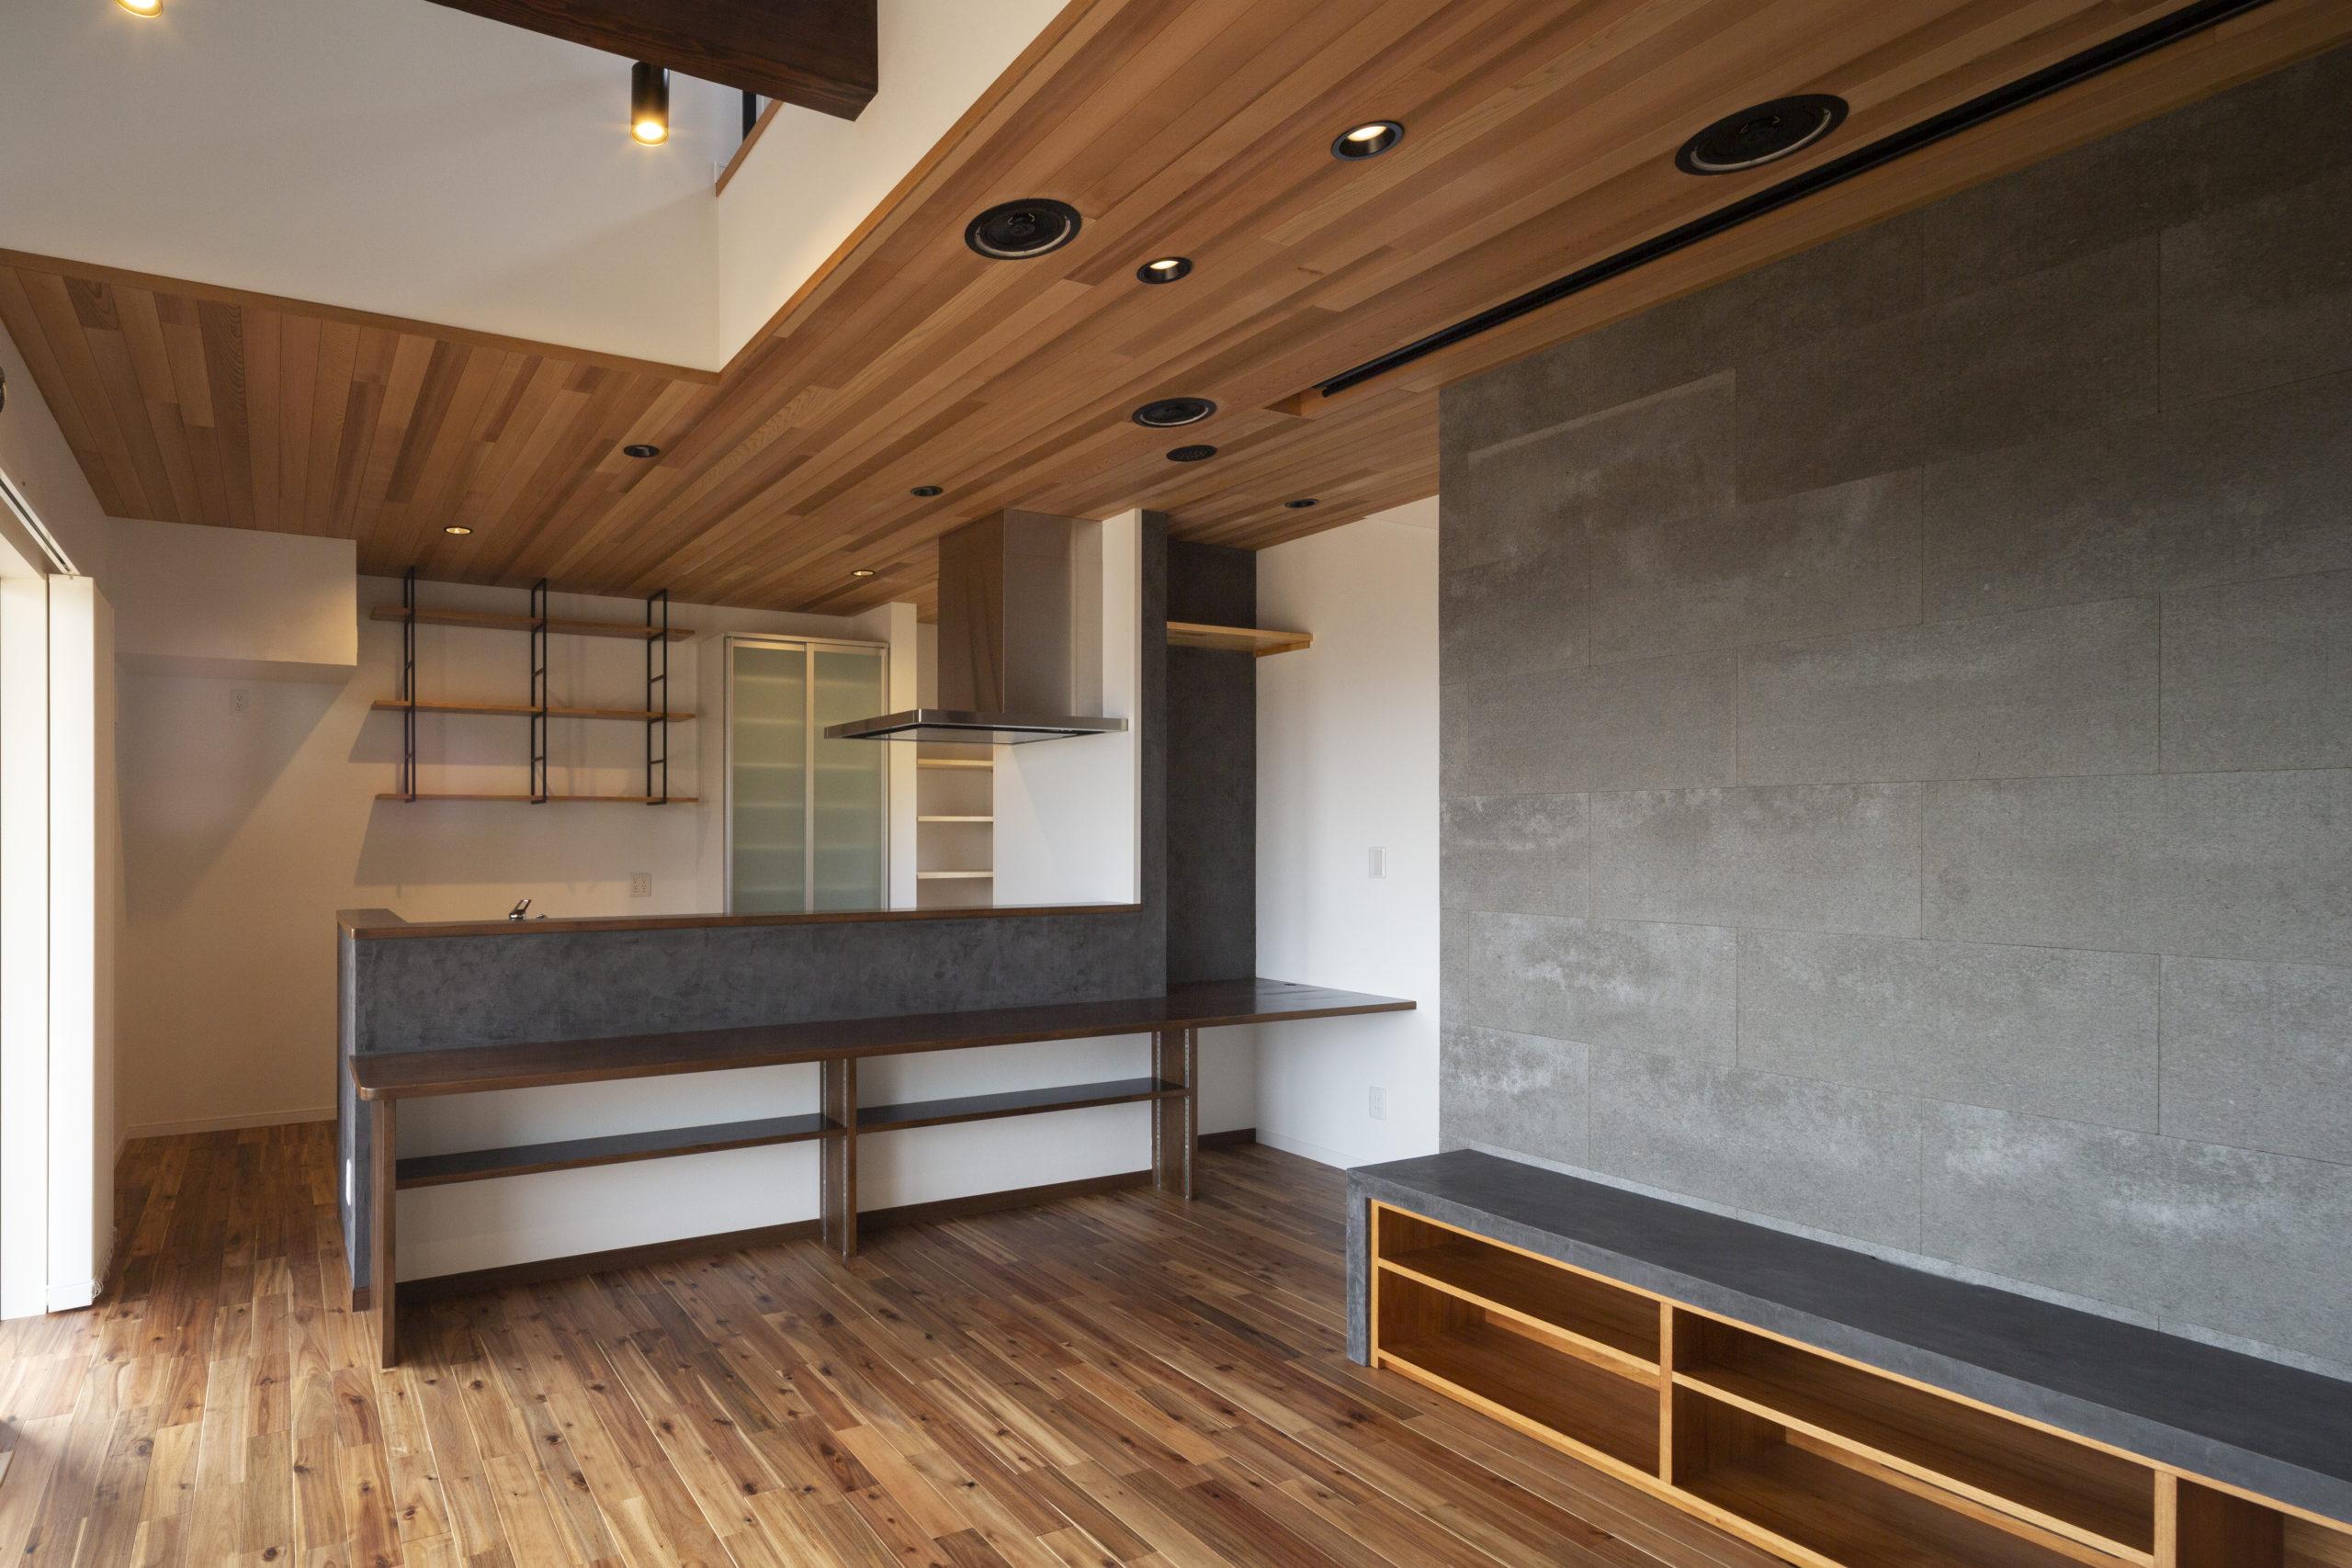 福山市の注文住宅|今井住建の施工事例ギャラリー「統一感のある洗礼されたLDK」